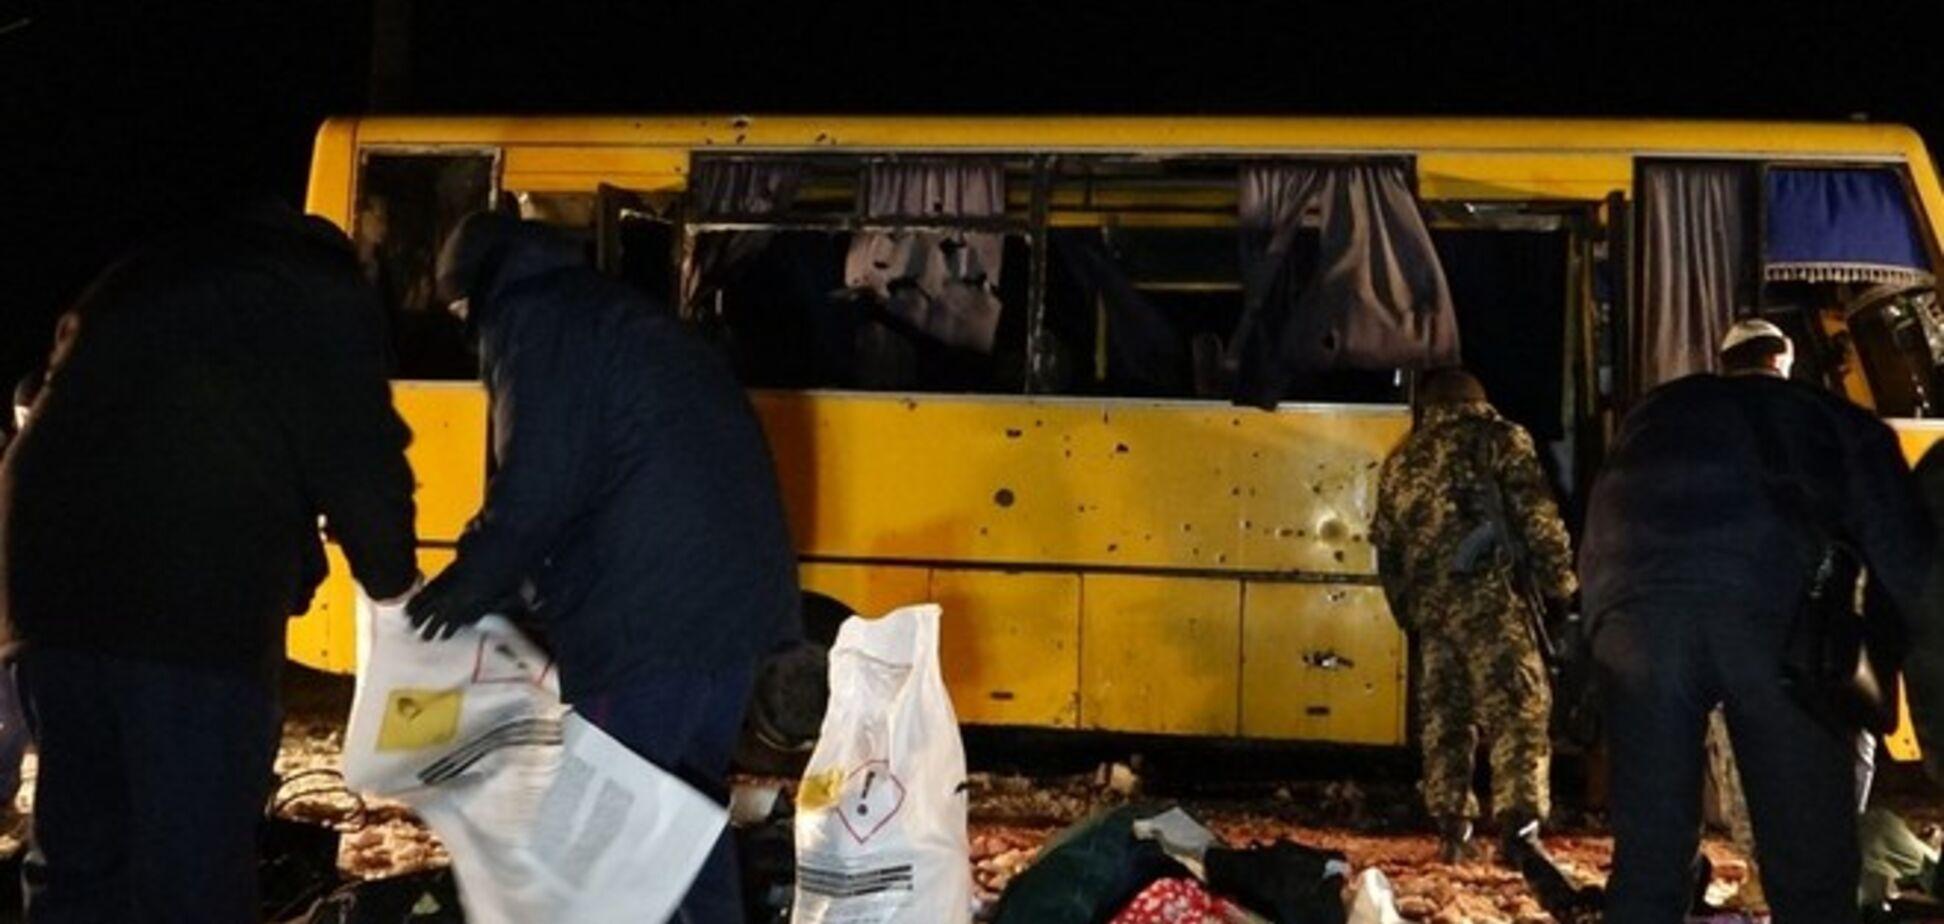 Ярема рассказал подробности обстрела террористами автобуса под Волновахой